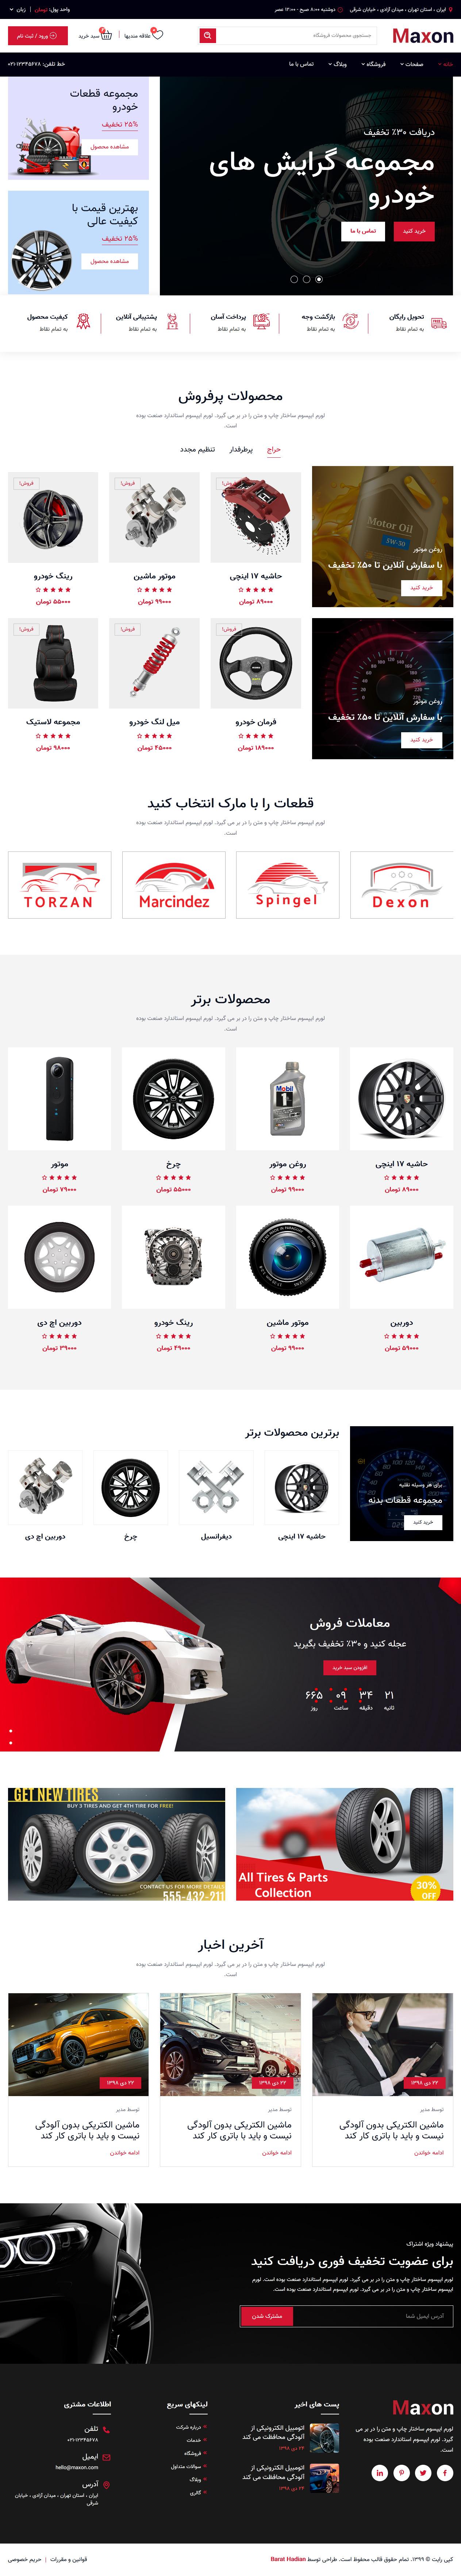 صفحات پوسته HTML فروشگاهی لوازم یدکی اتومبیل ماکسون